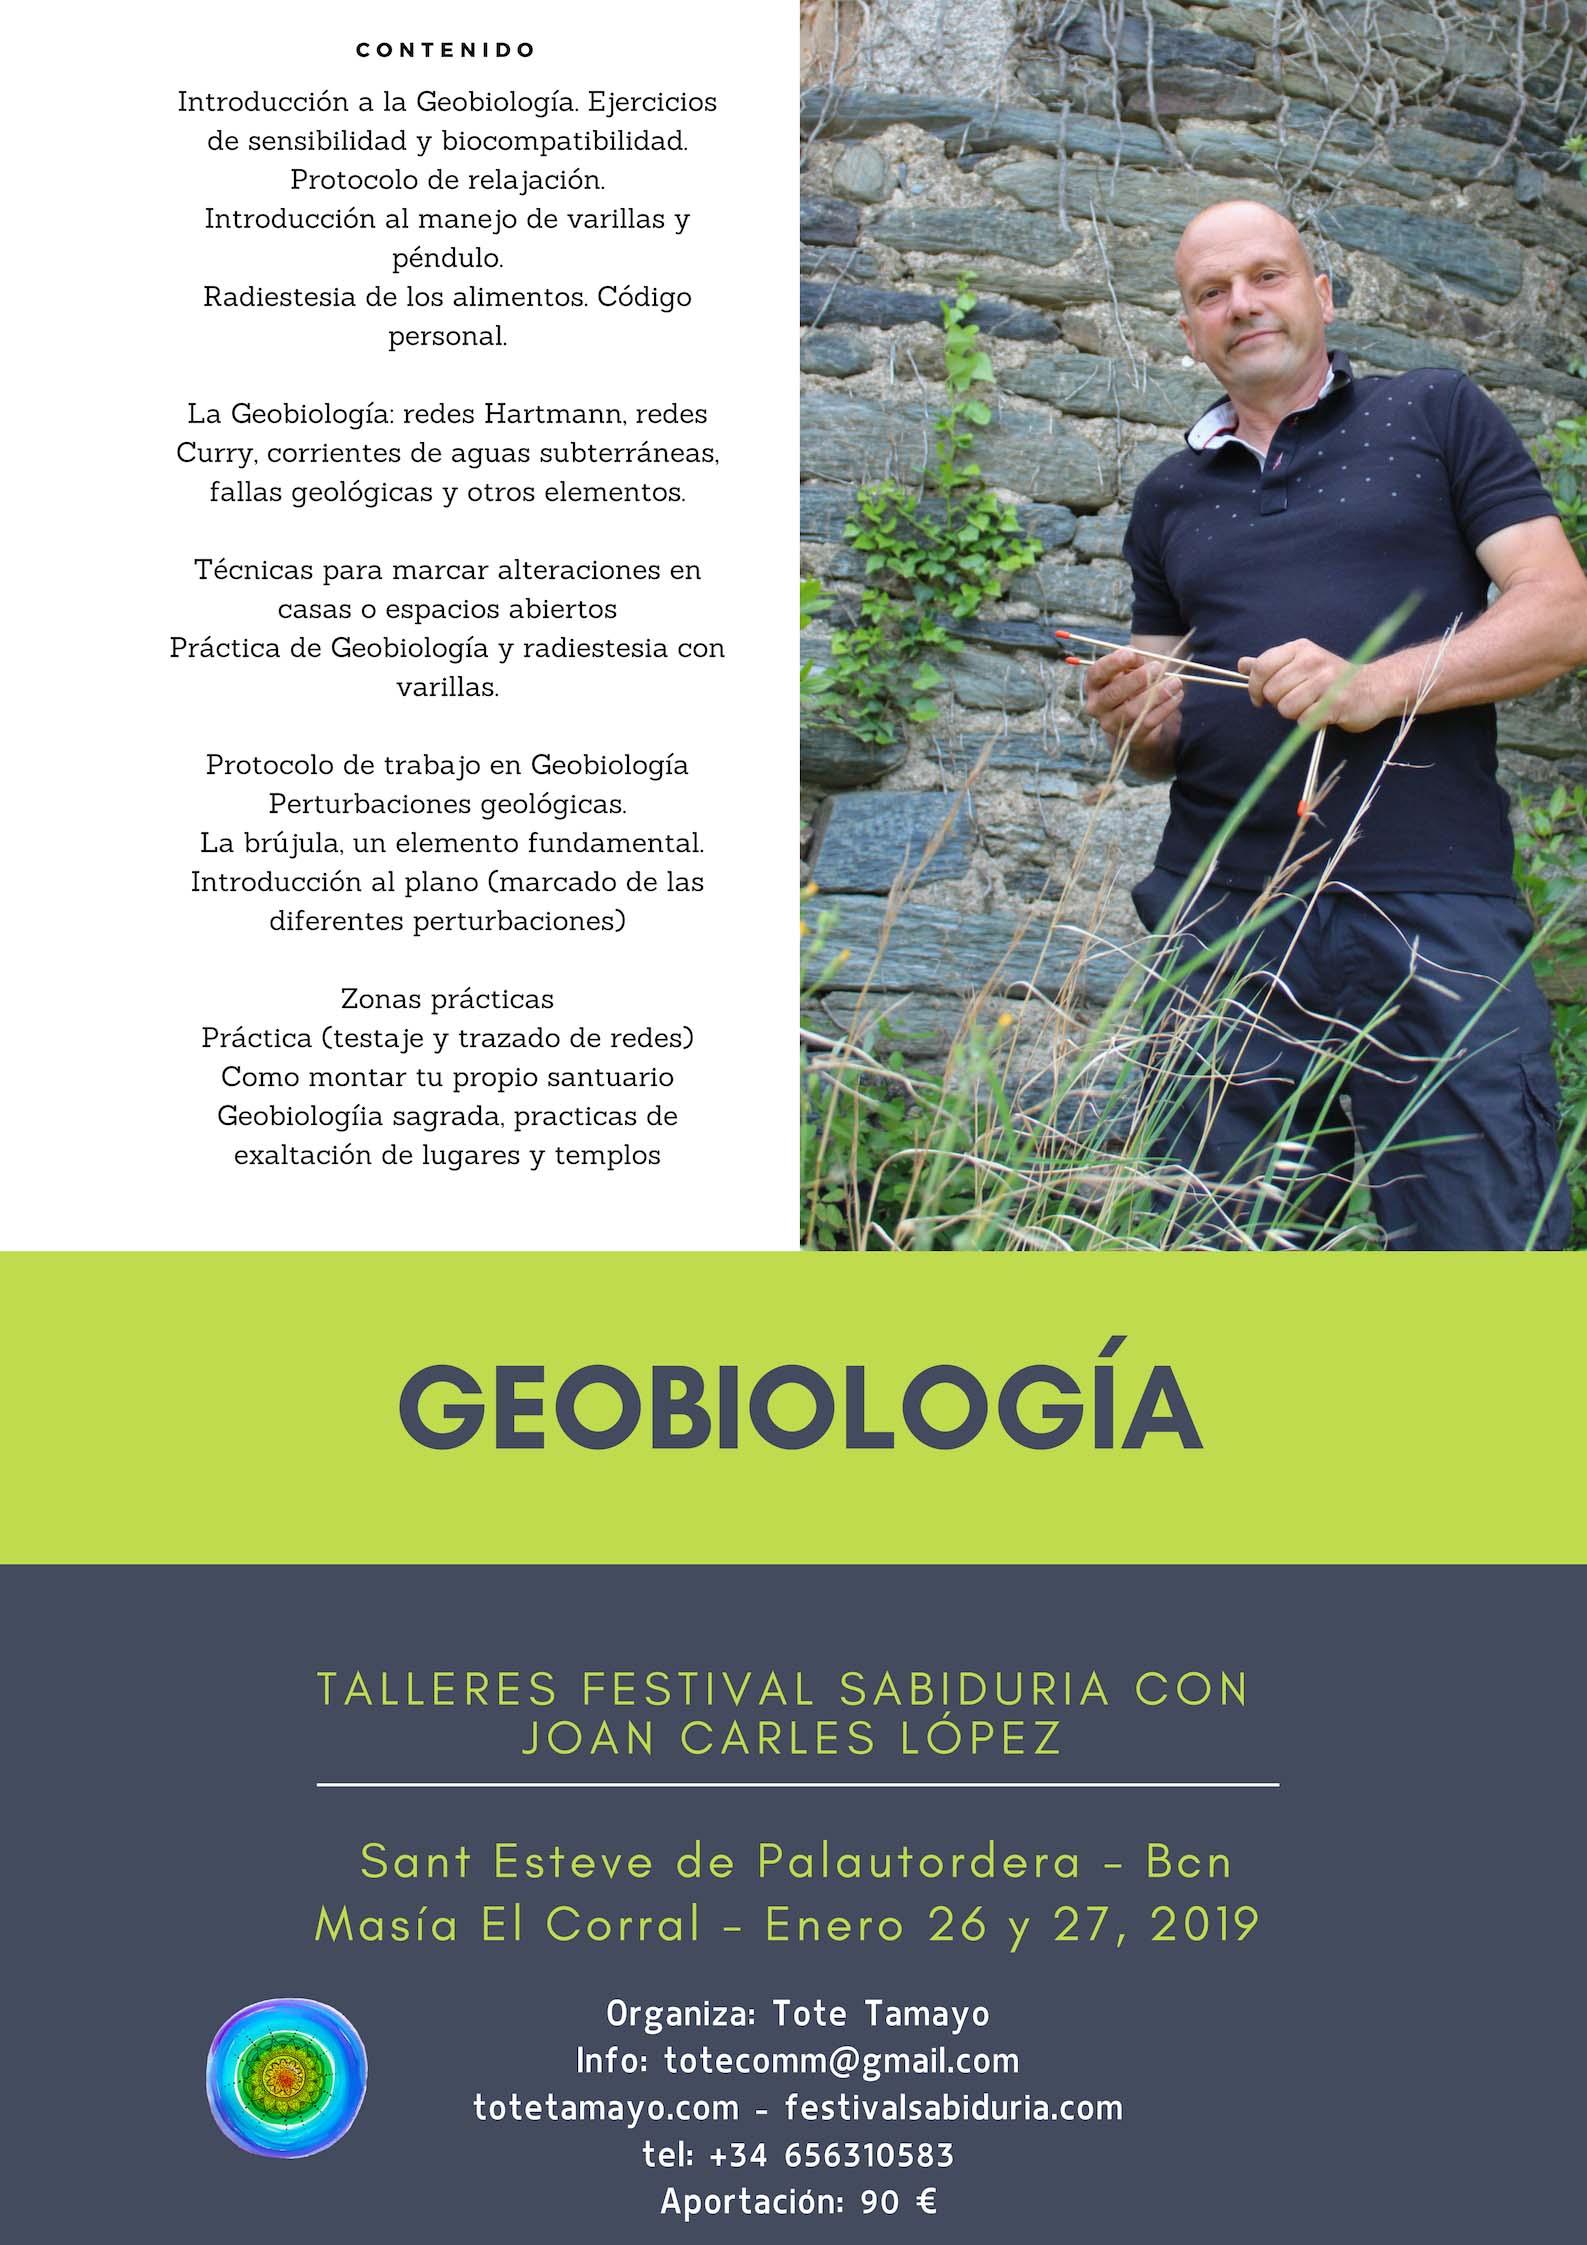 TALLER GEOBIOLOGÍA con JOAN CARLES LÓPEZ Enero 26 y 27 del 2019 Sant Esteve de Palau Tordera